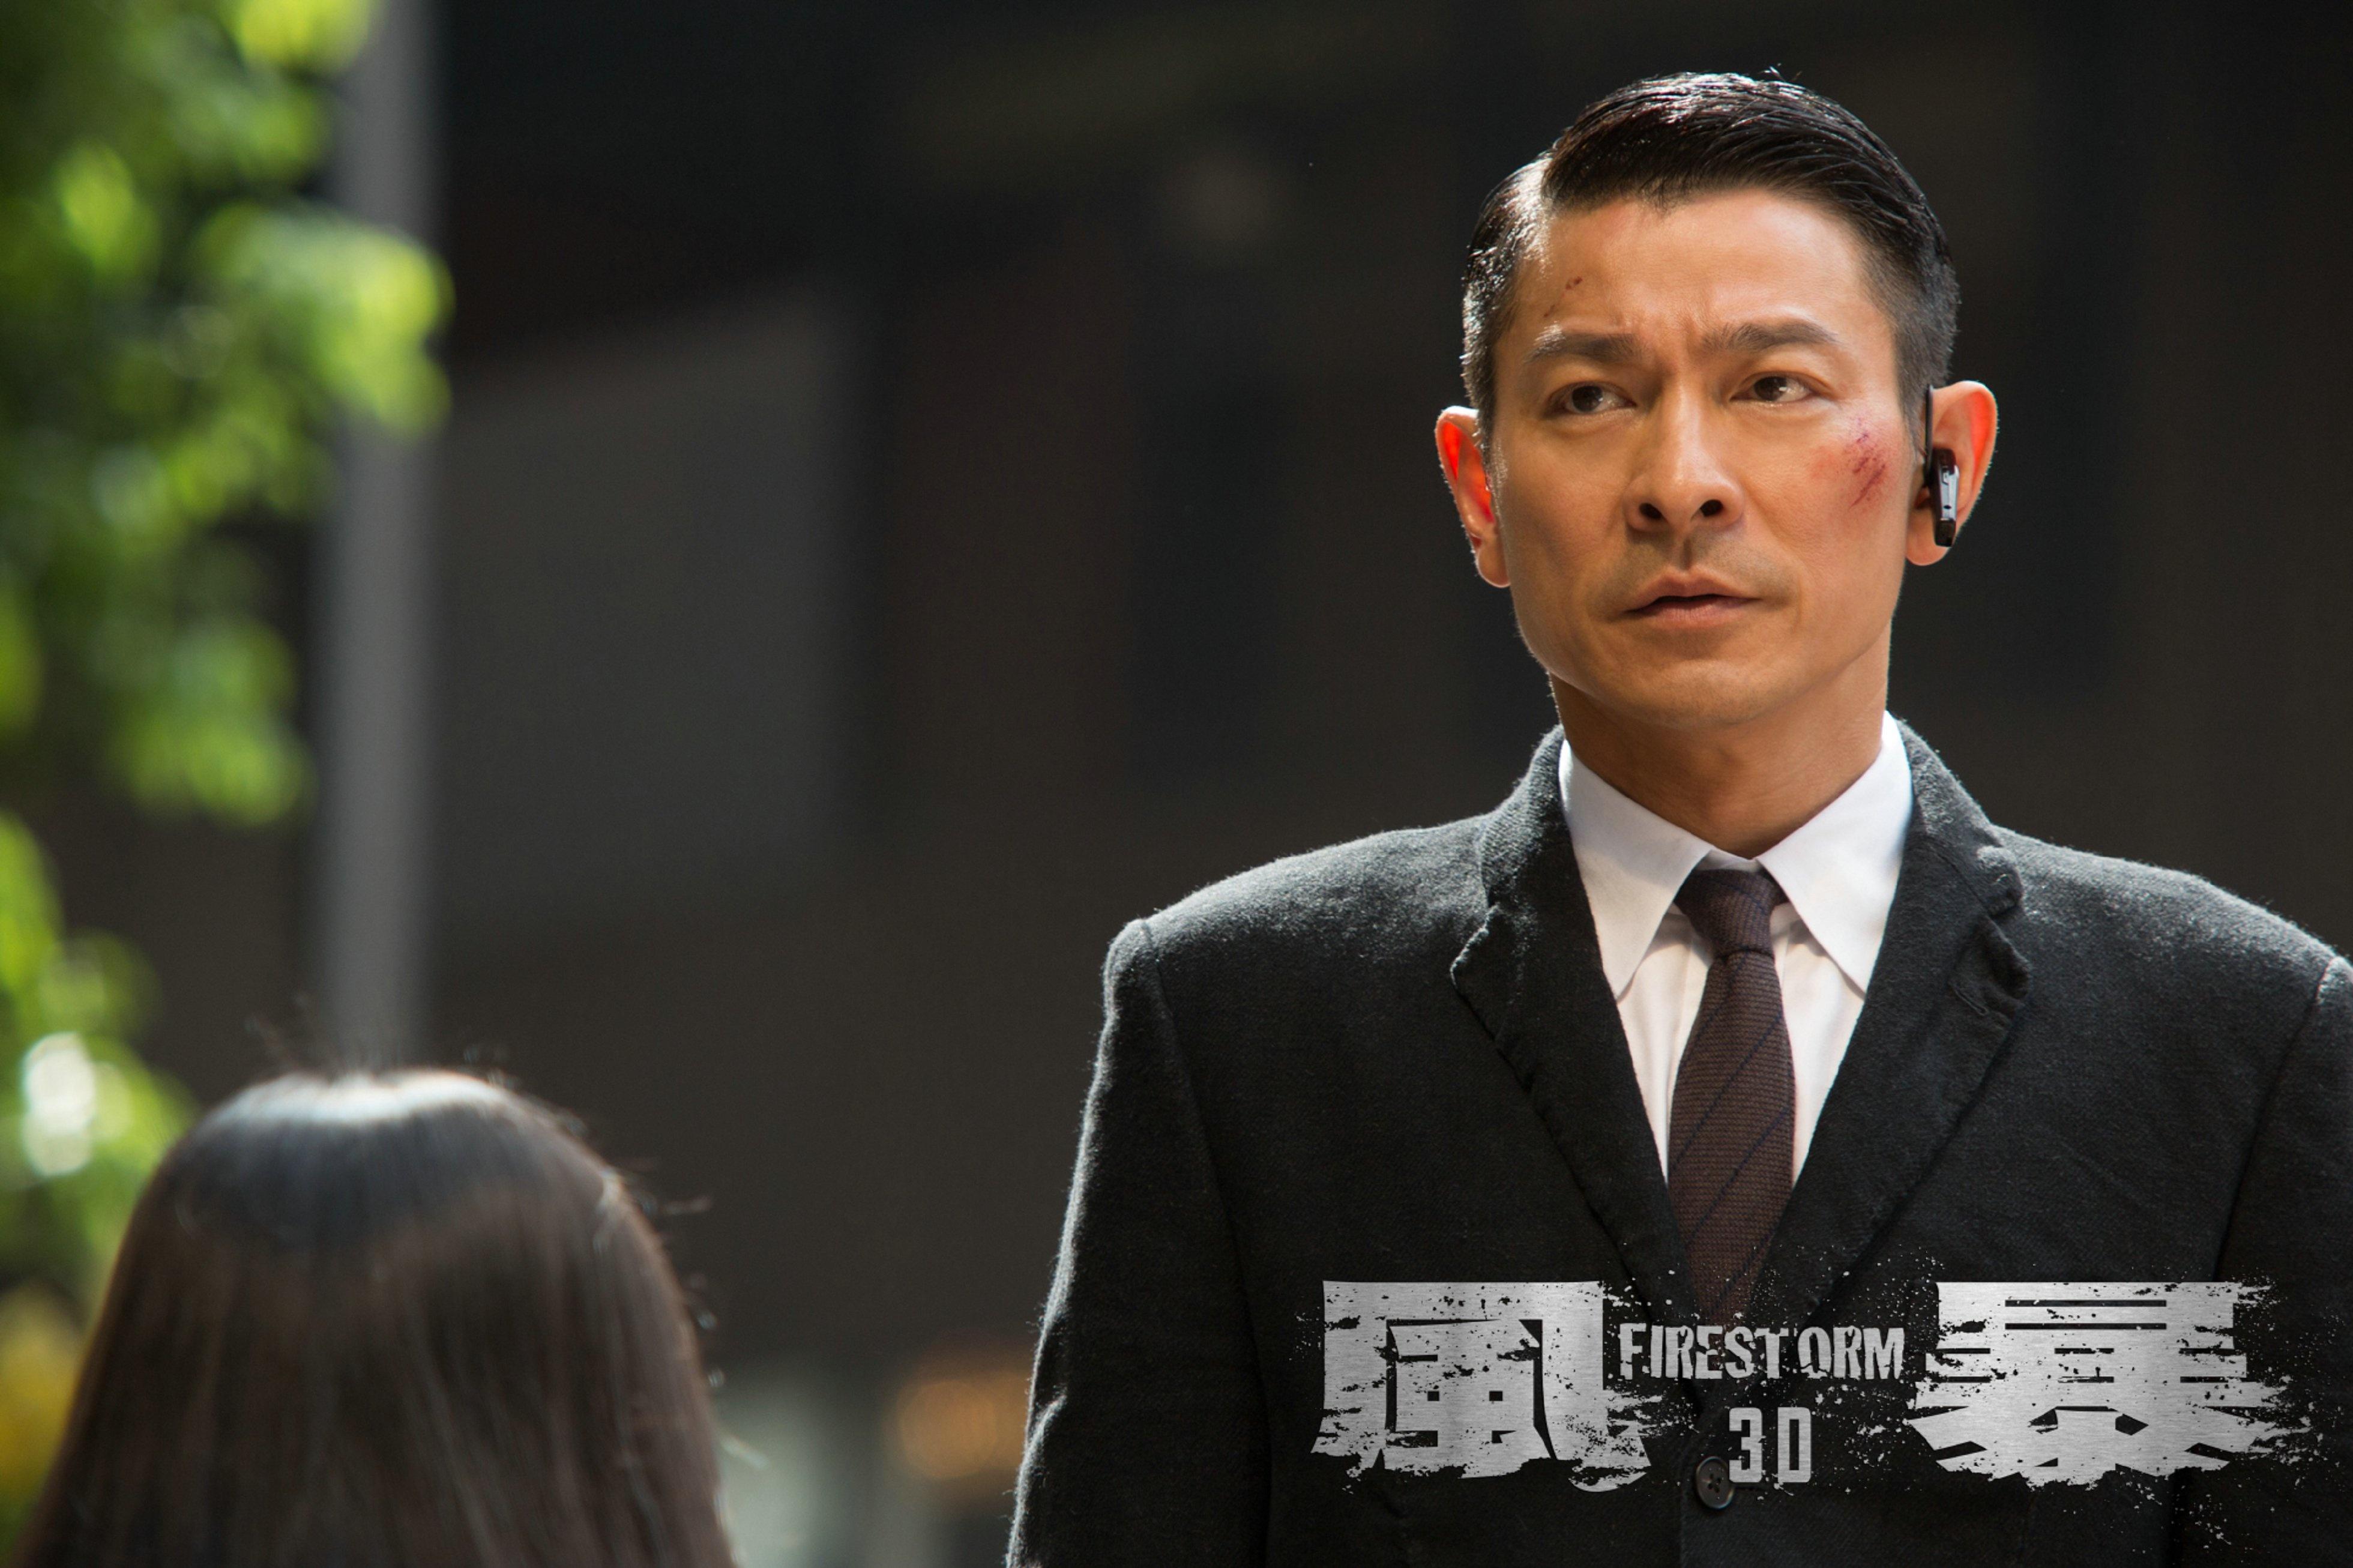 风暴_电影剧照_图集_电影网_1905.com